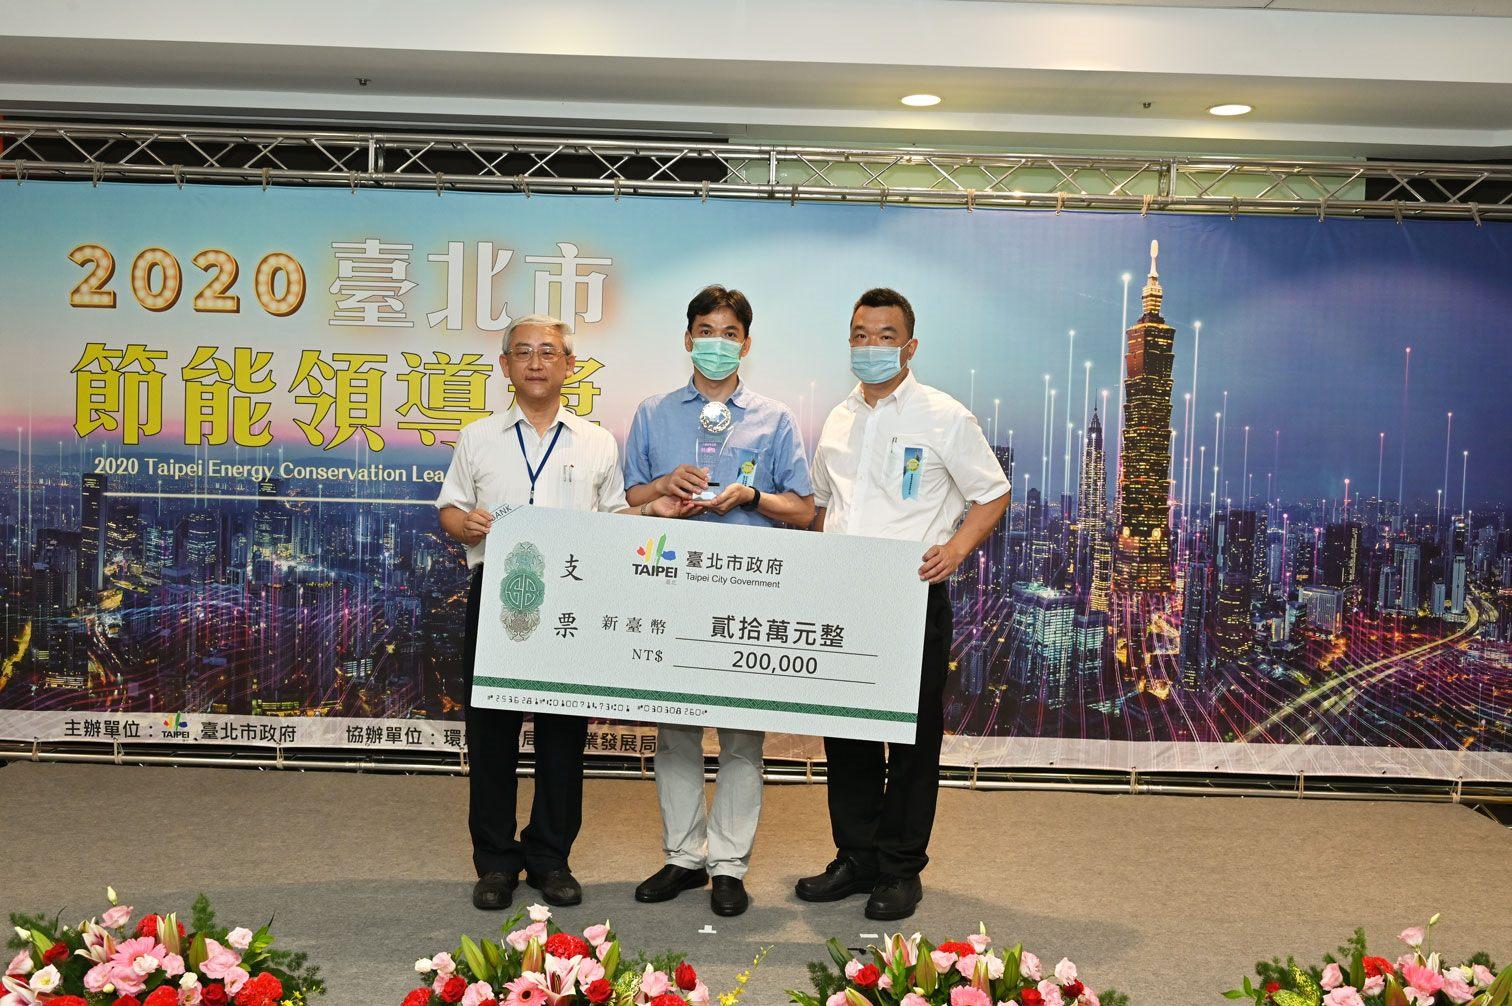 圖2、和宇寬頻網路股份有限公司榮獲工商產業乙組特優獎,北市產業局副局長王三中(左)頒發獎金,表揚企業減碳成果。